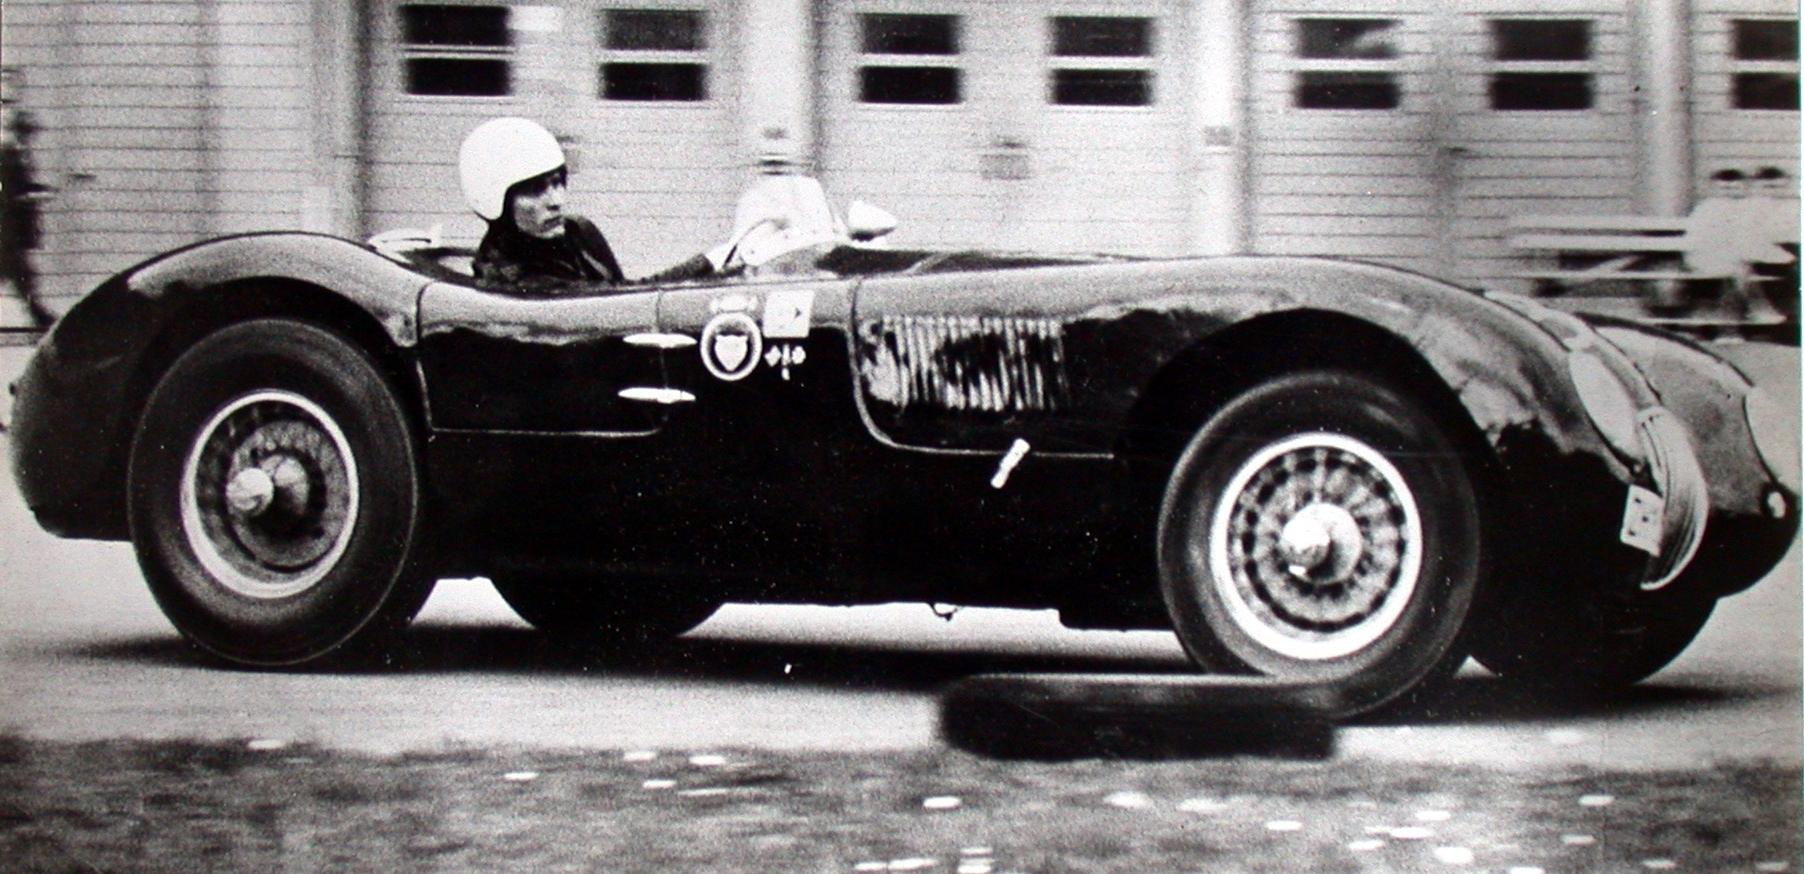 jaguar c type group s 1951 racing cars. Black Bedroom Furniture Sets. Home Design Ideas